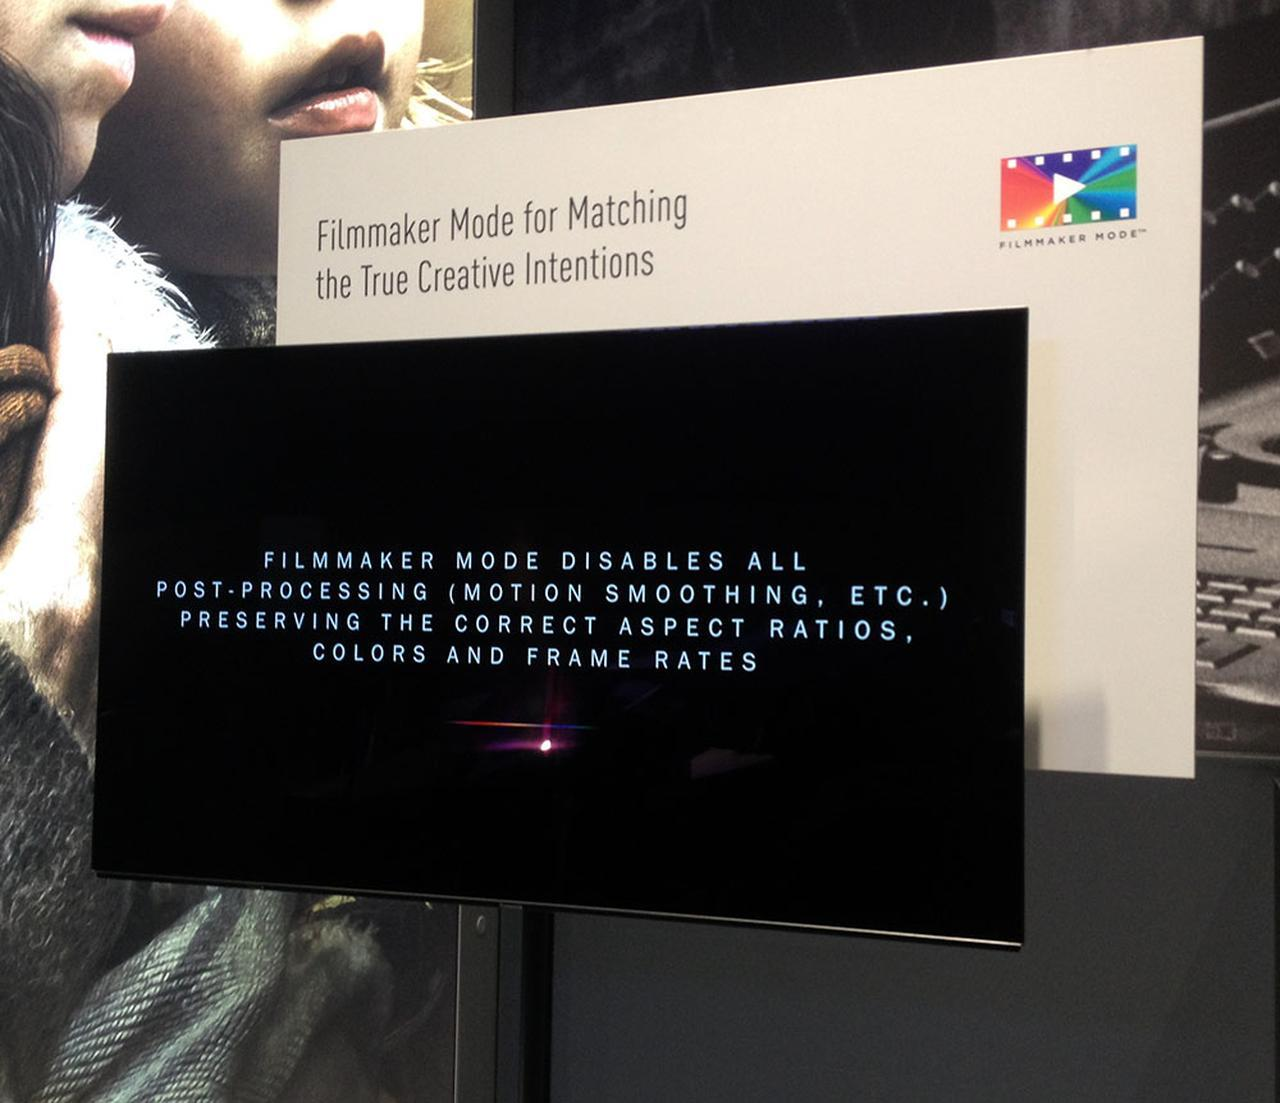 画像: UHD Allianceが、映画制作者の望んだ画質をボタンひとつで再現できる「Filmmaker Mode」を発表。パナソニックブースで展示した【御法川裕三のIFA2019散策 その8】 - Stereo Sound ONLINE